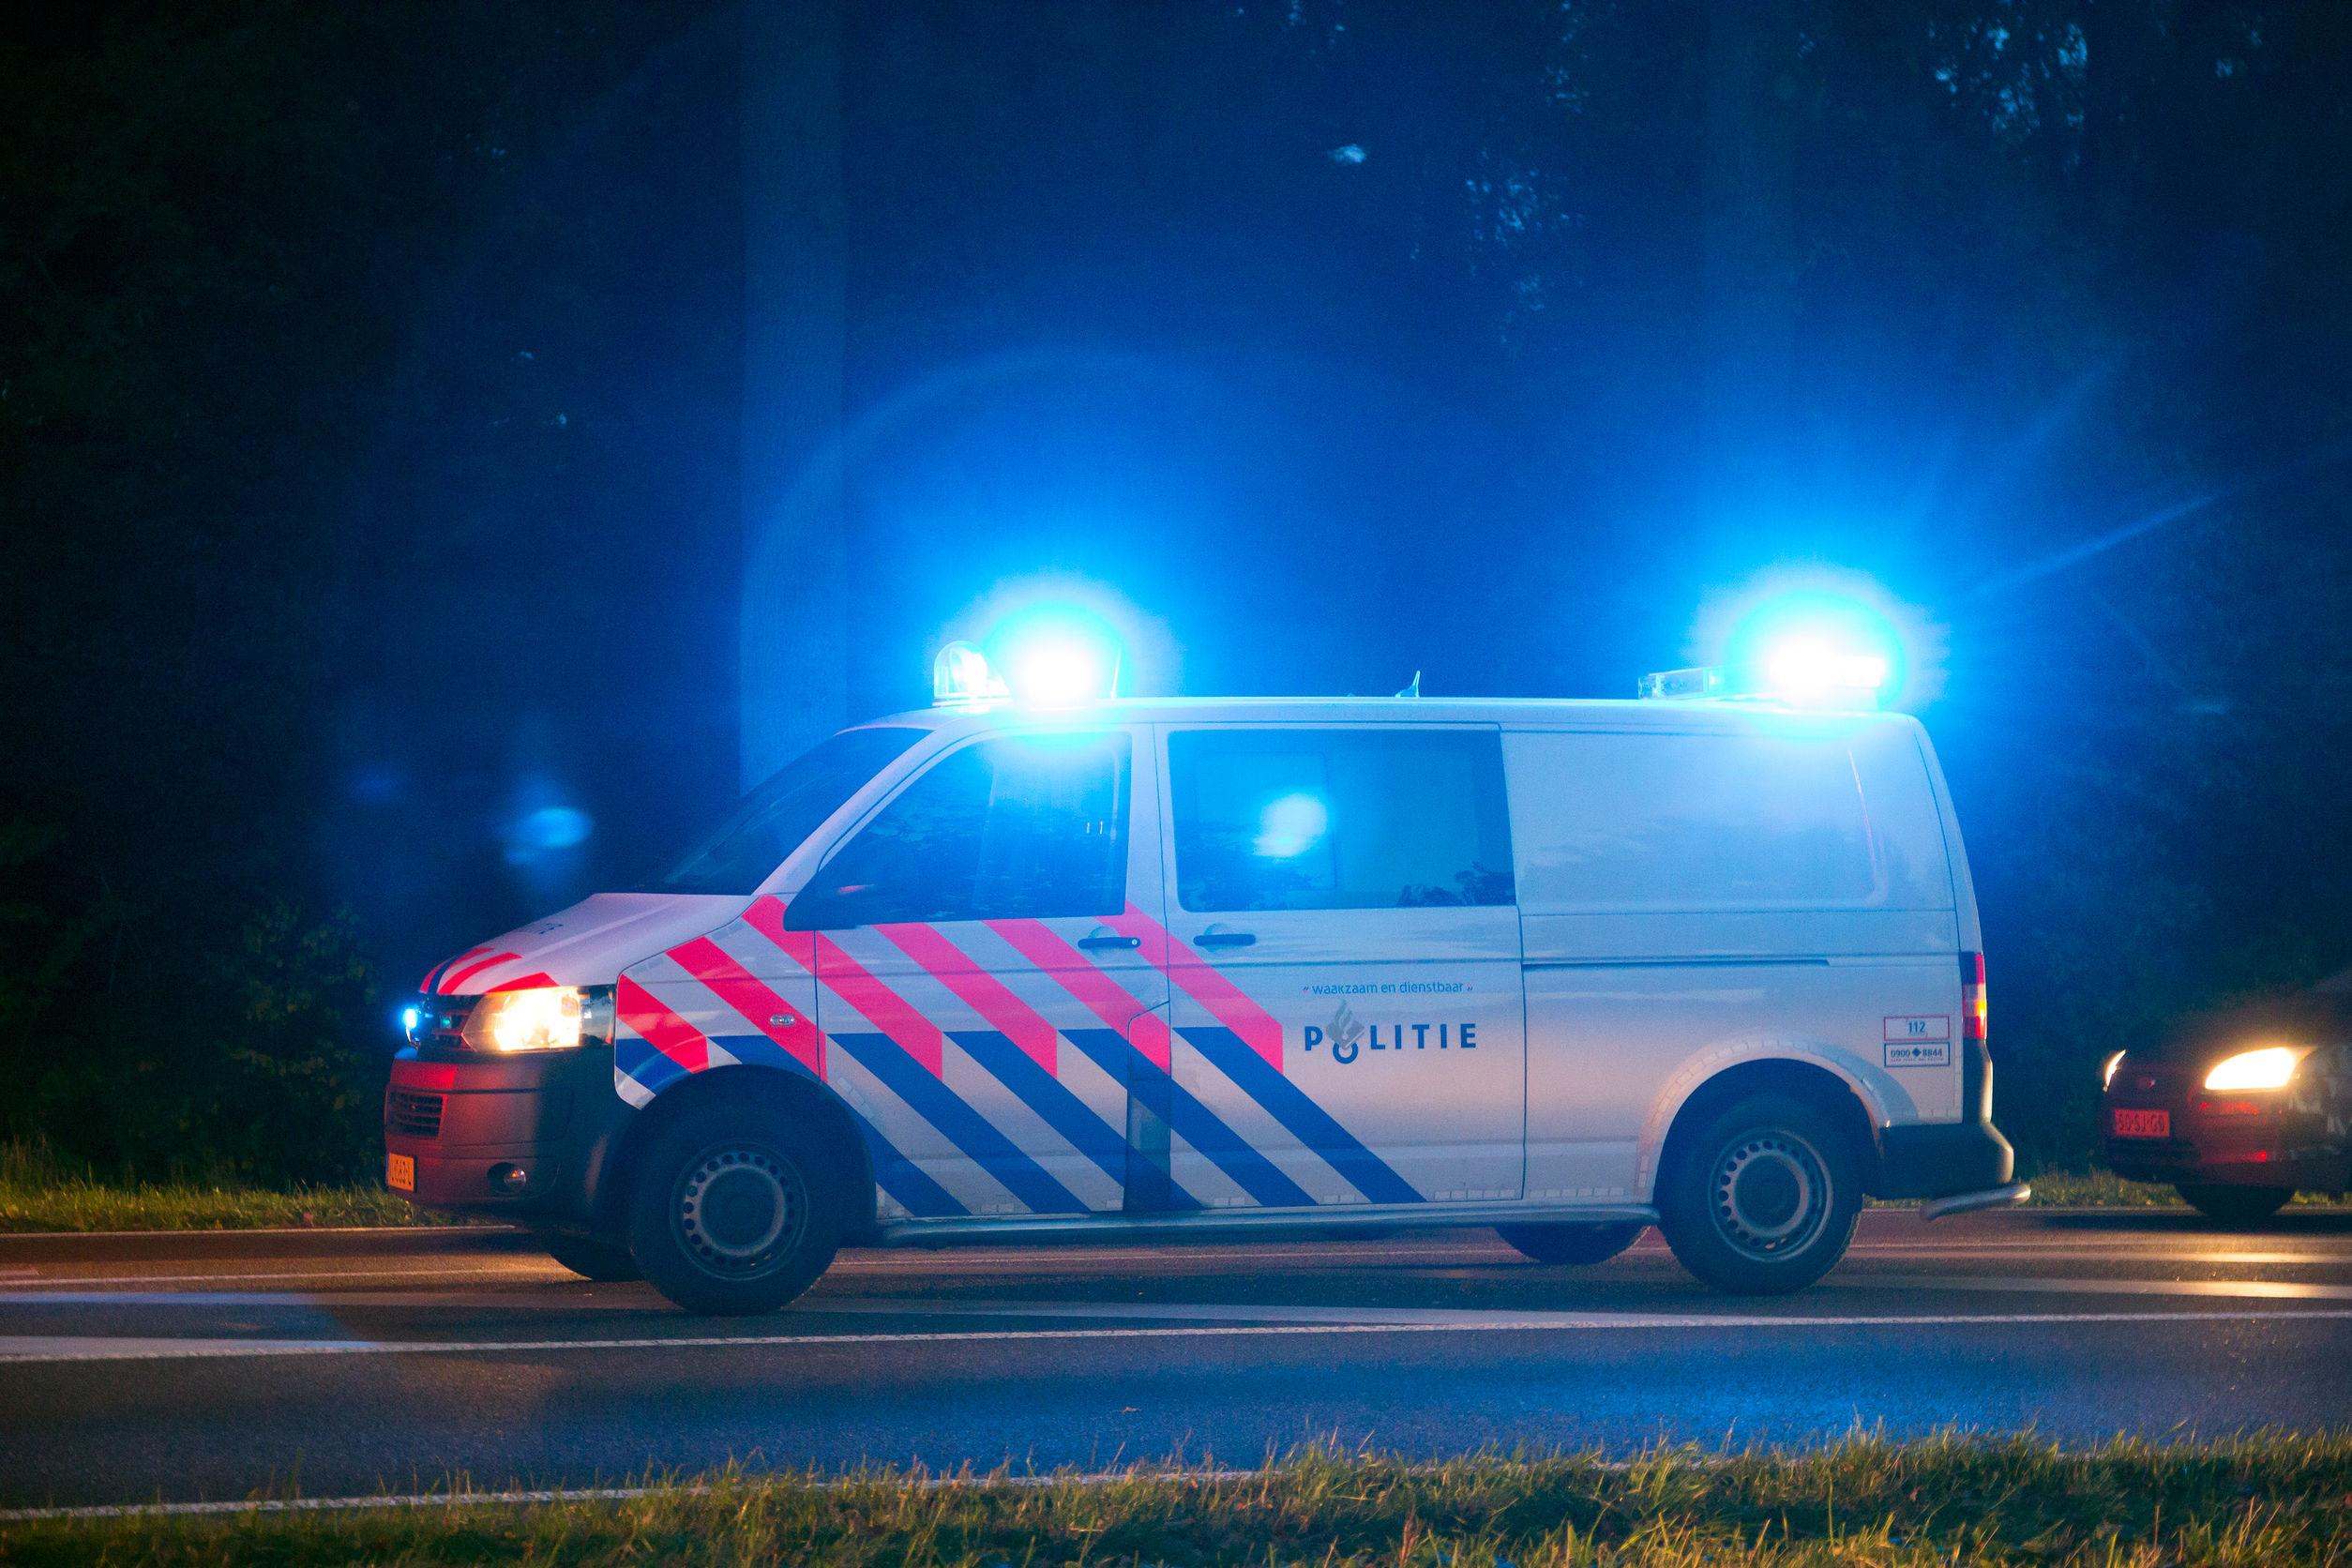 Patru români, condamnaţi la închisoare în Suedia pentru furturi din vehicule în mişcare